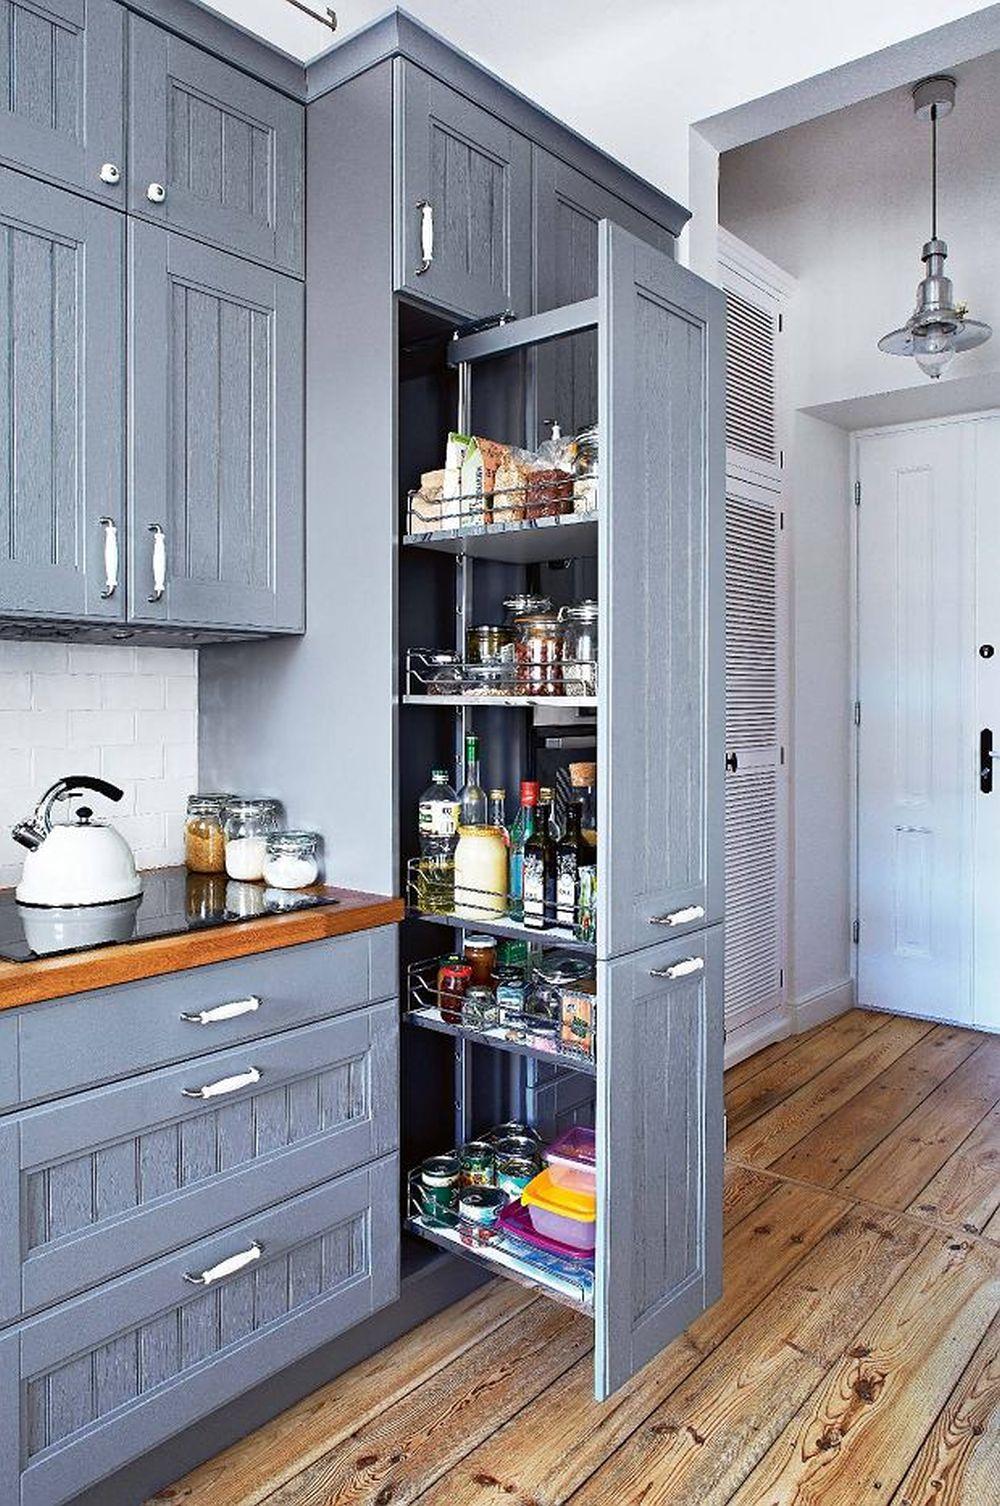 adelaparvu.com despre apartament de 2 camere, 50 mp, Polonia, designer Kamila Kuboth-Schuchardt, Foto Michał Mutor (6)